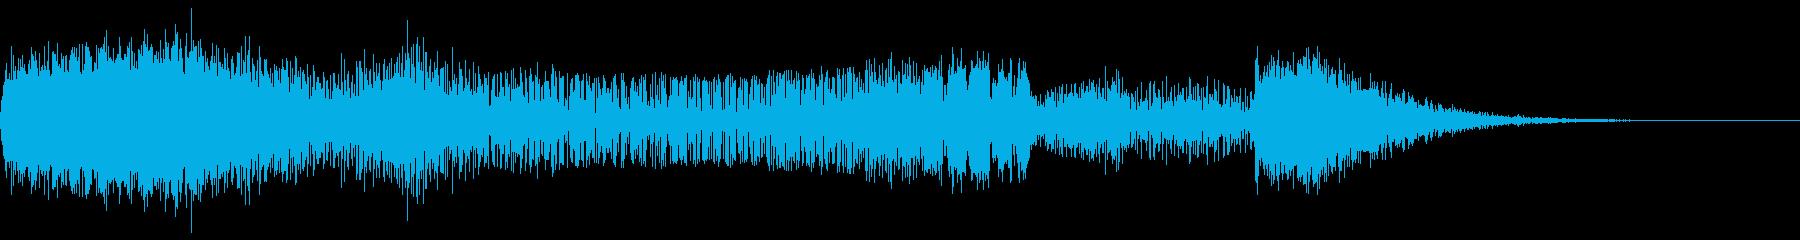 偏向レーザーの再生済みの波形